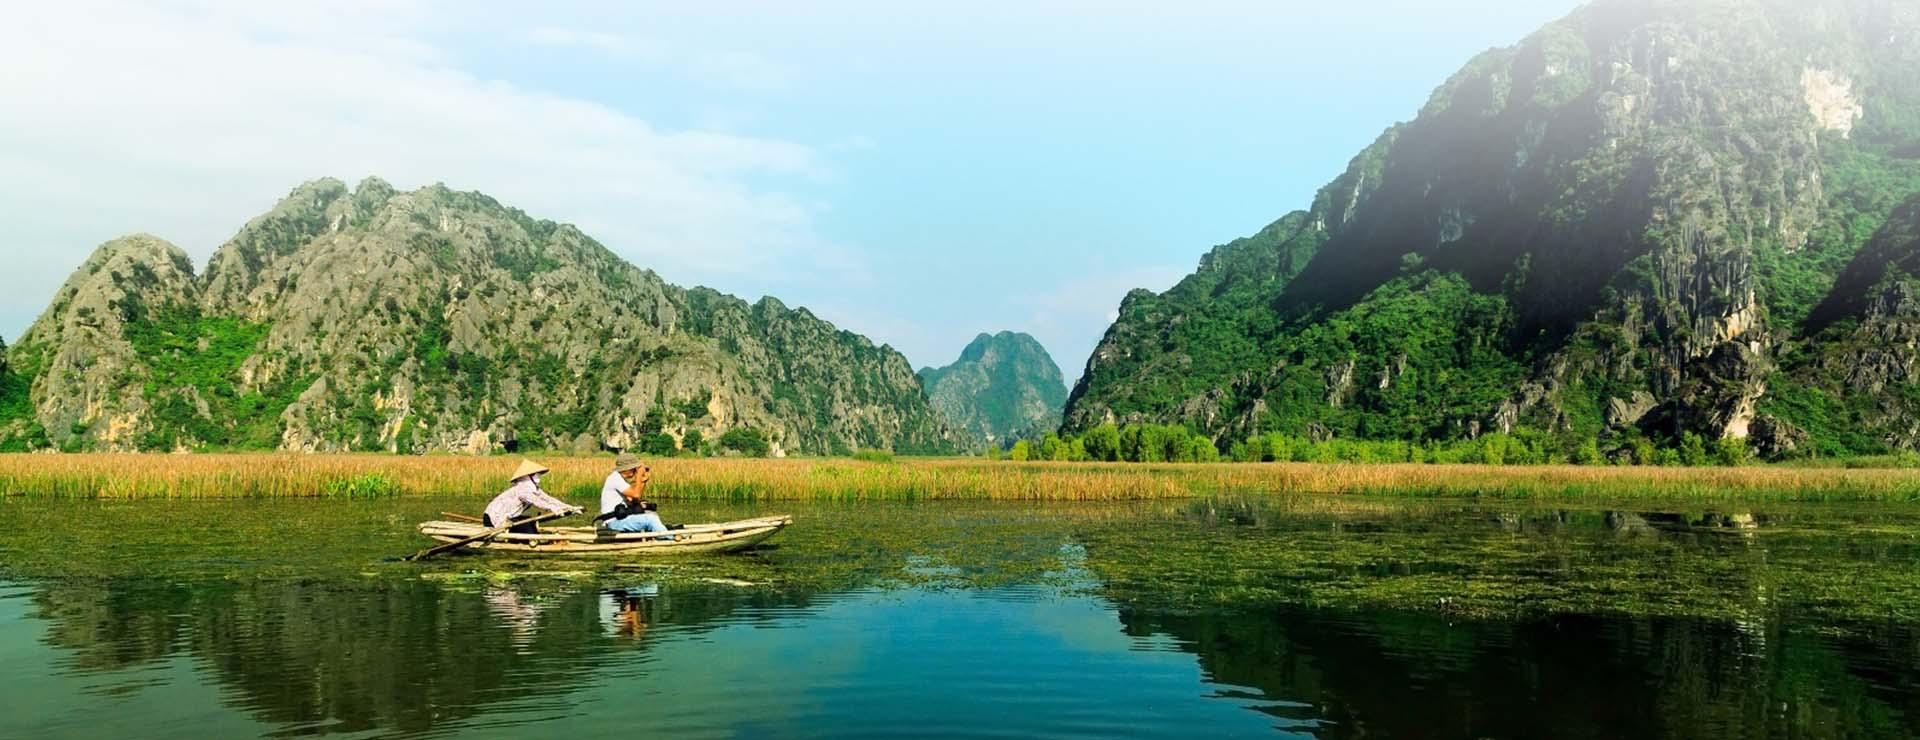 Cómo viajar a Vietnam con niños